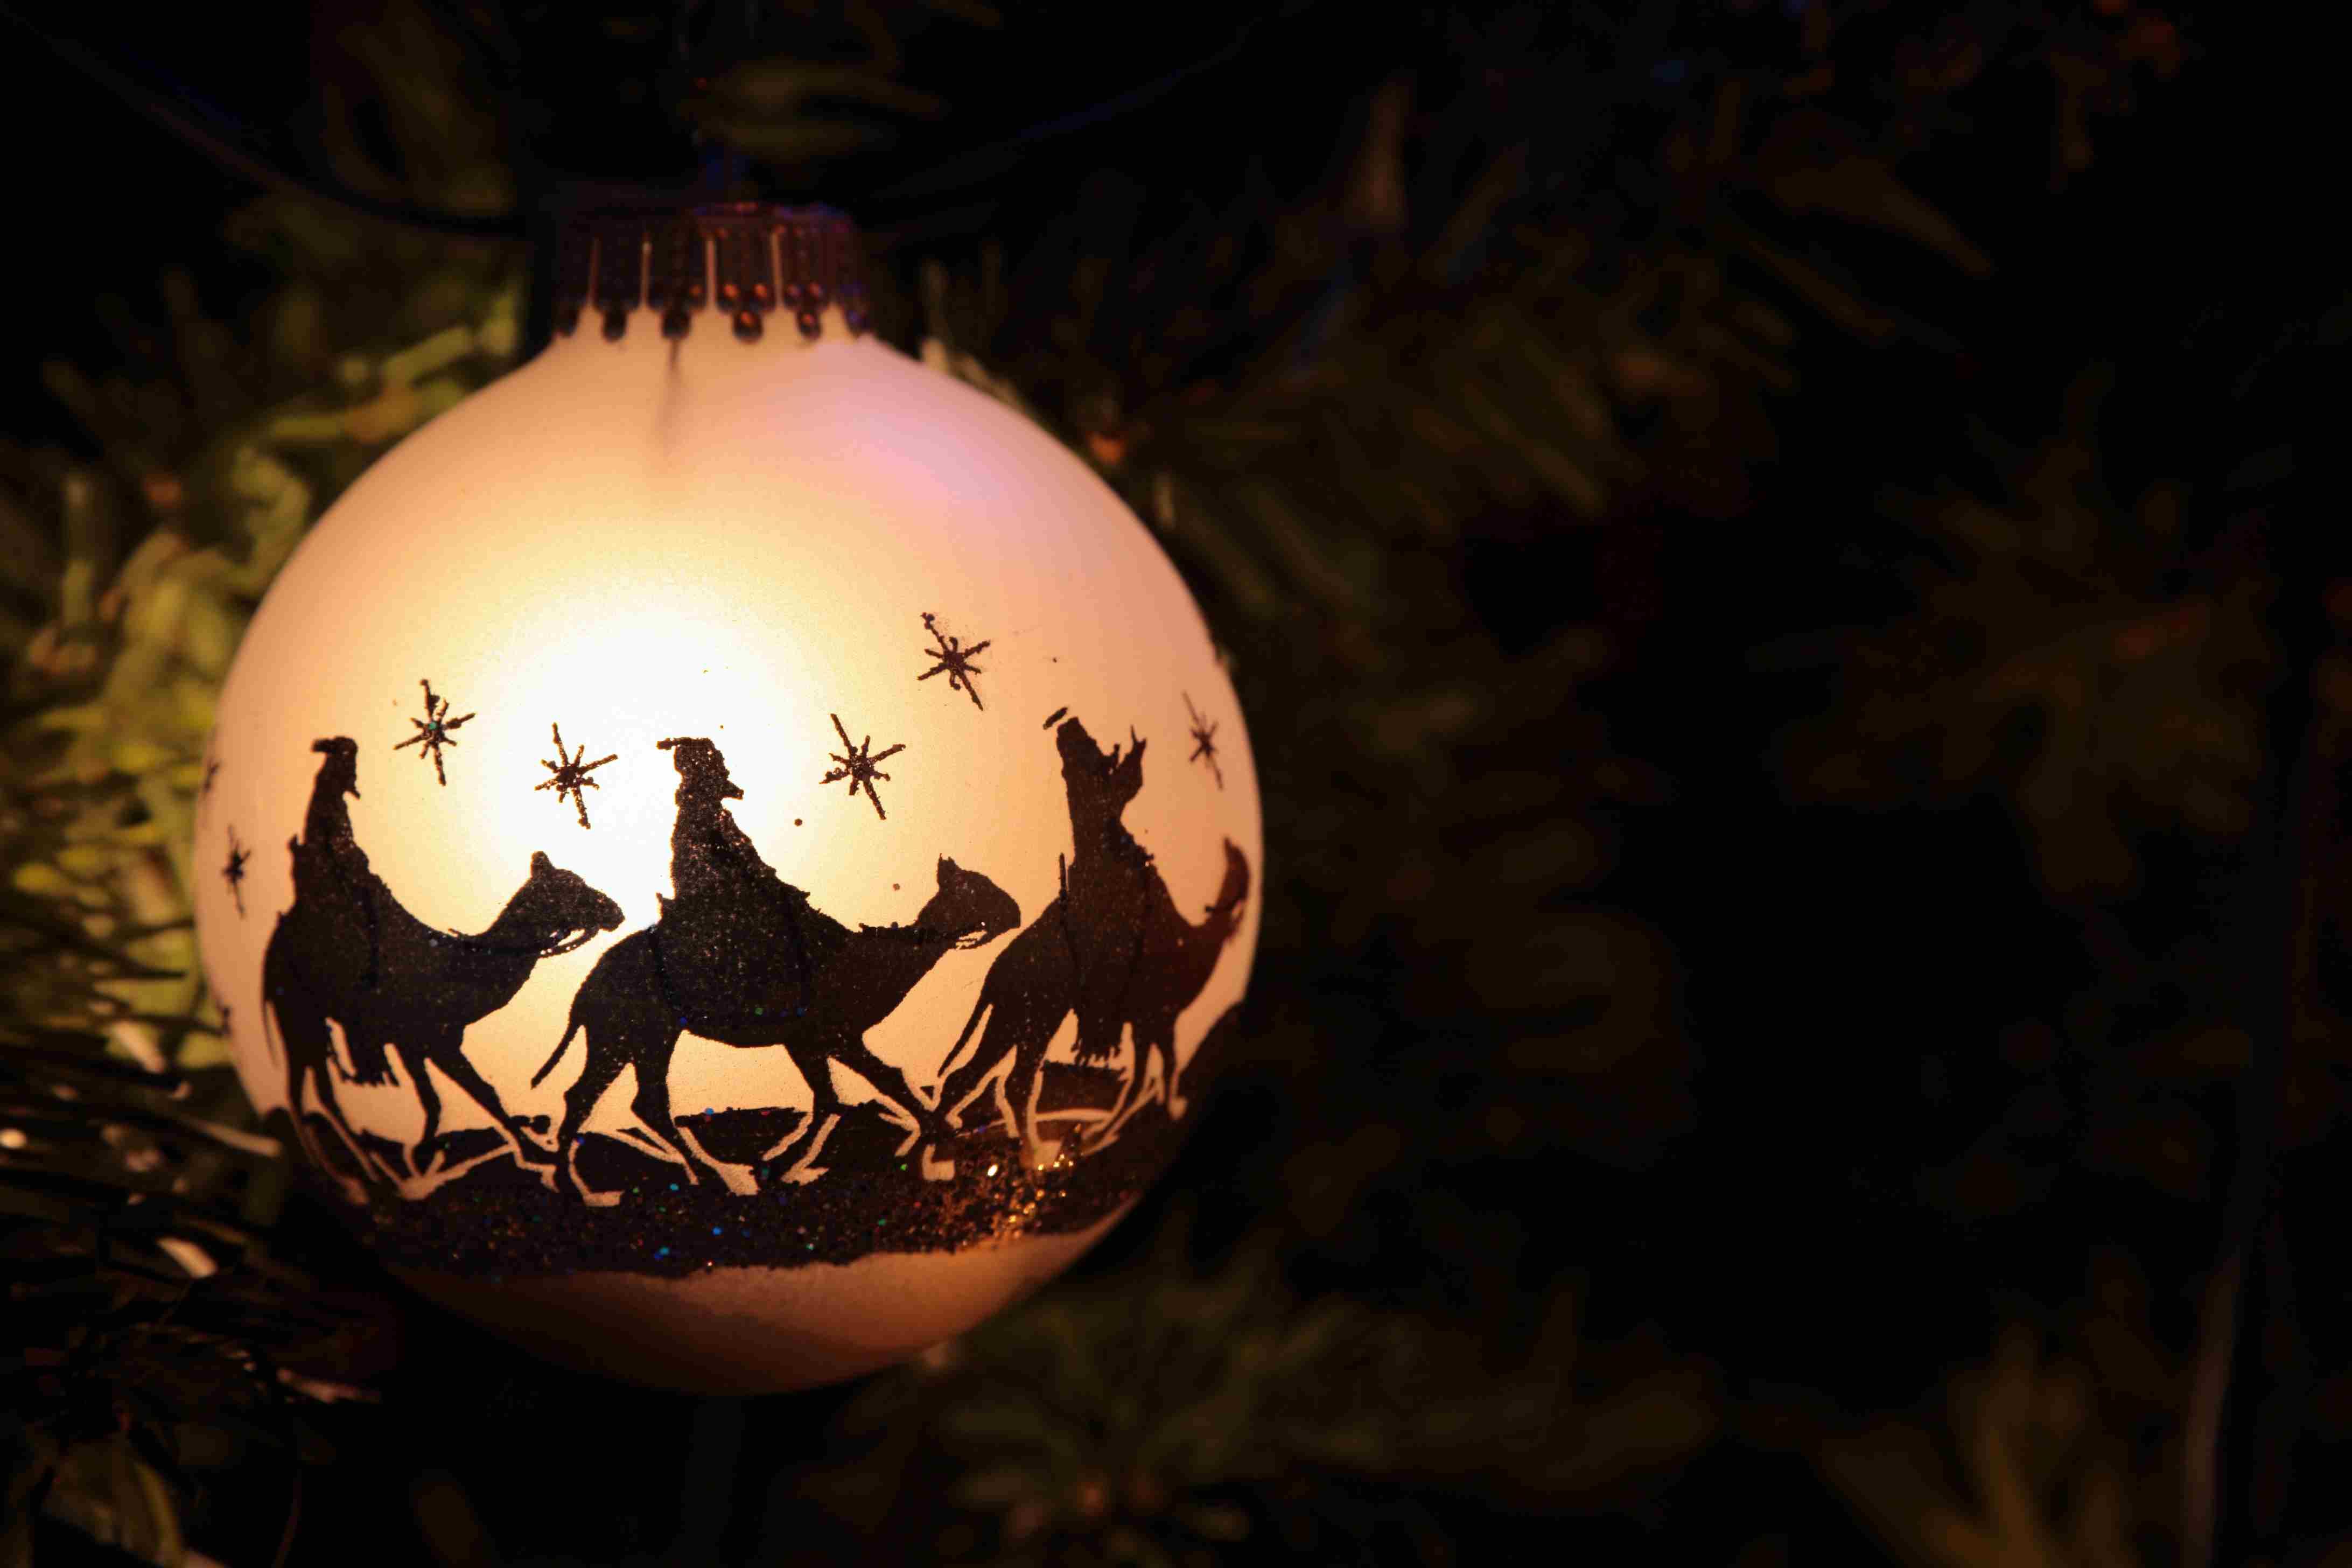 Ornamento de Navidad con siluetas de los Reyes Magos